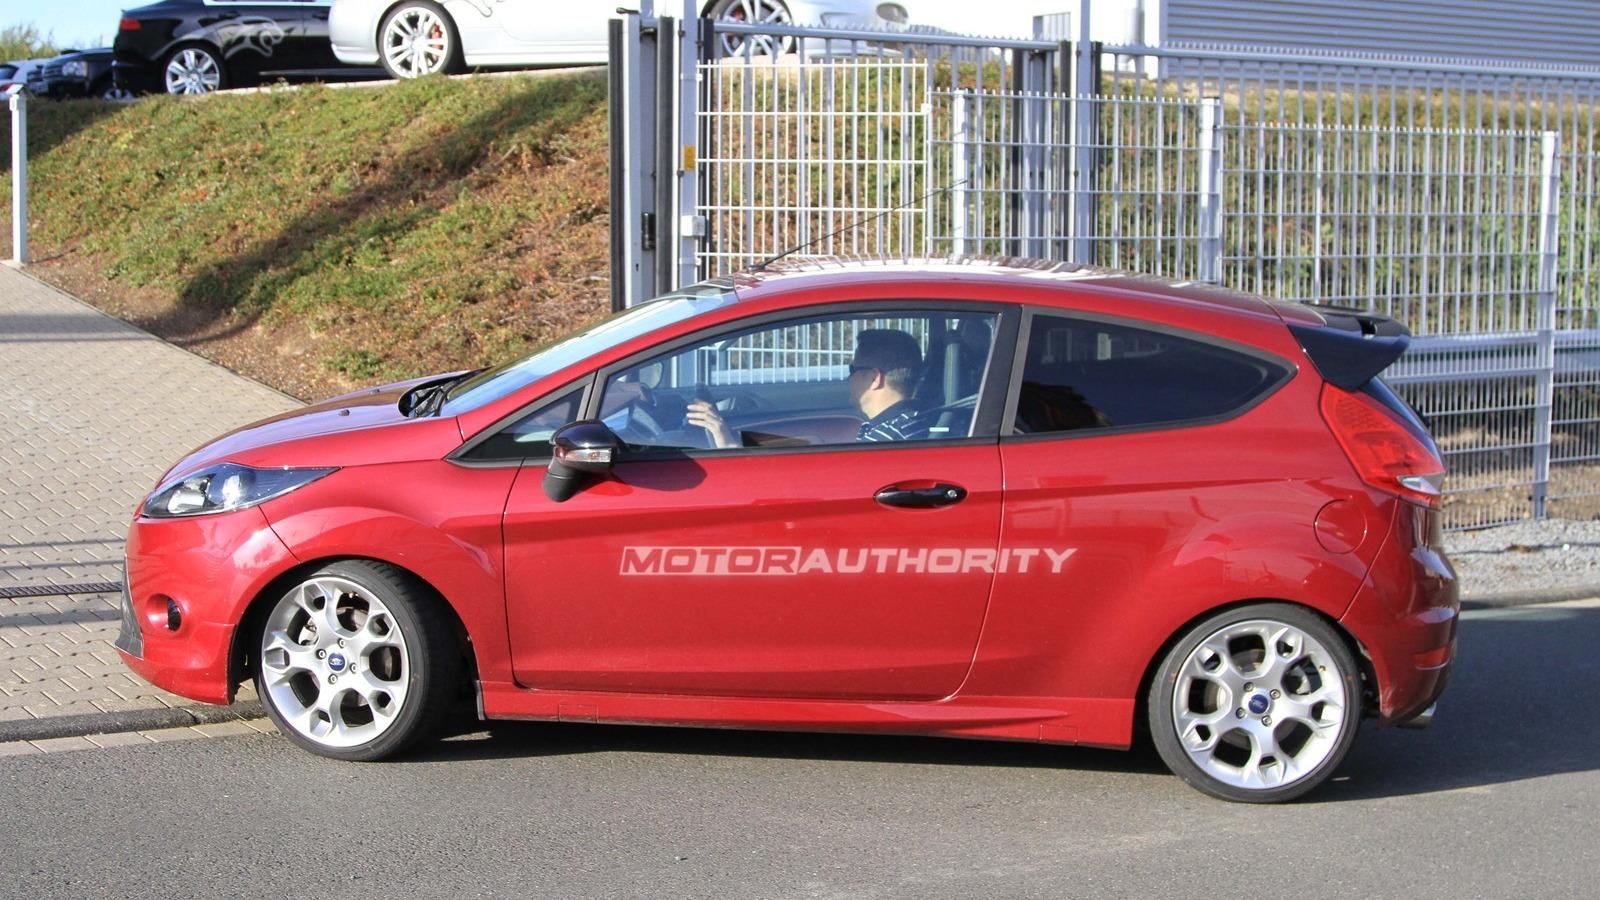 2011 Ford Fiesta ST spy shots